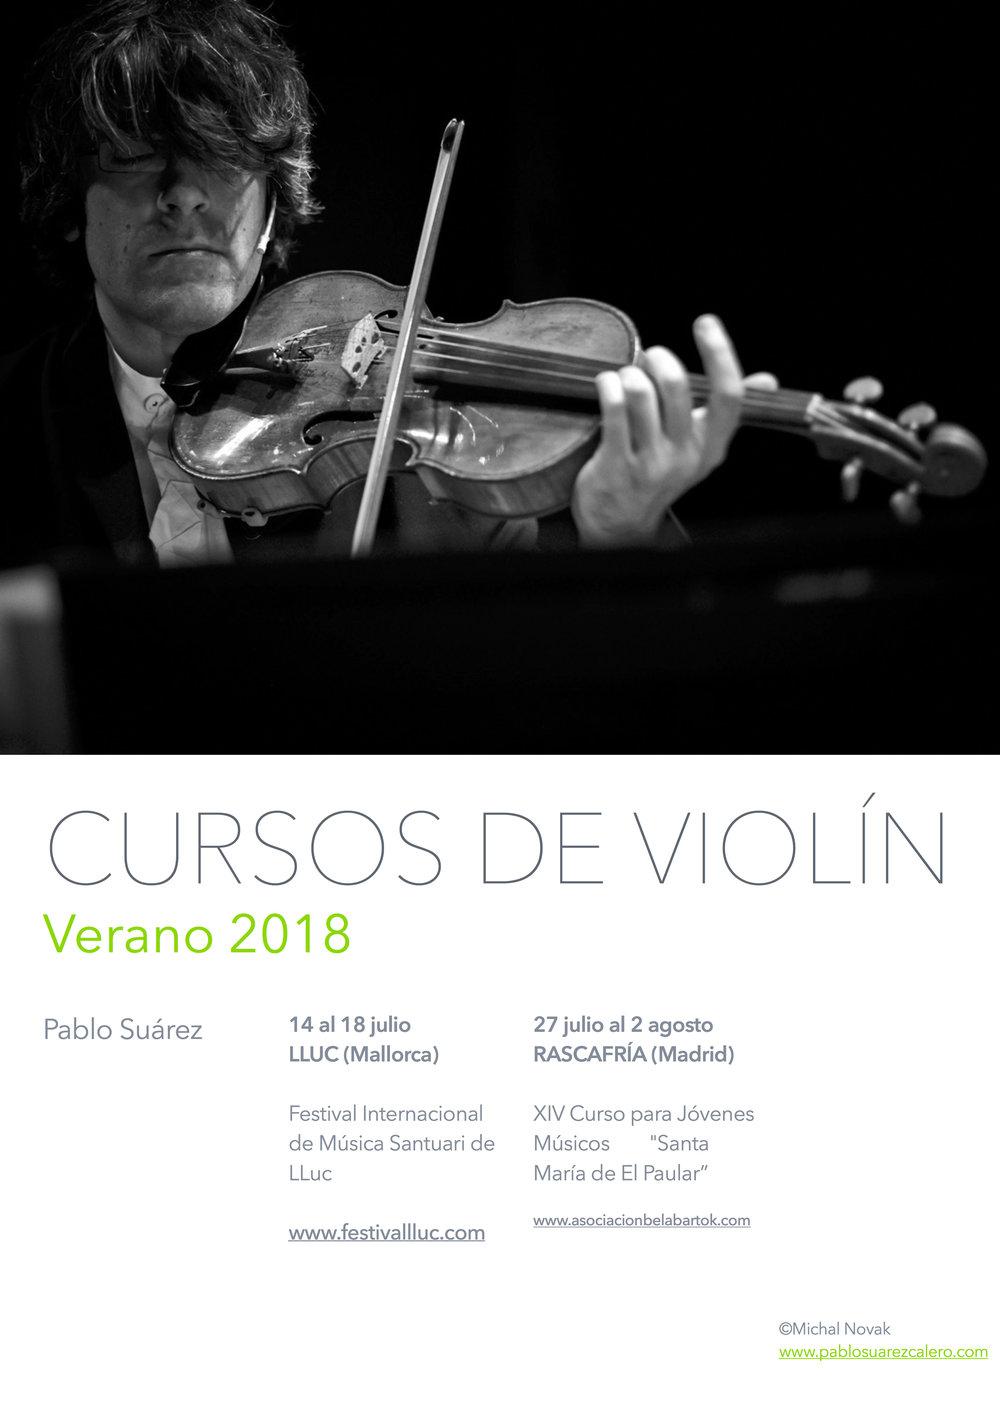 Cursos Verano 2018.jpg